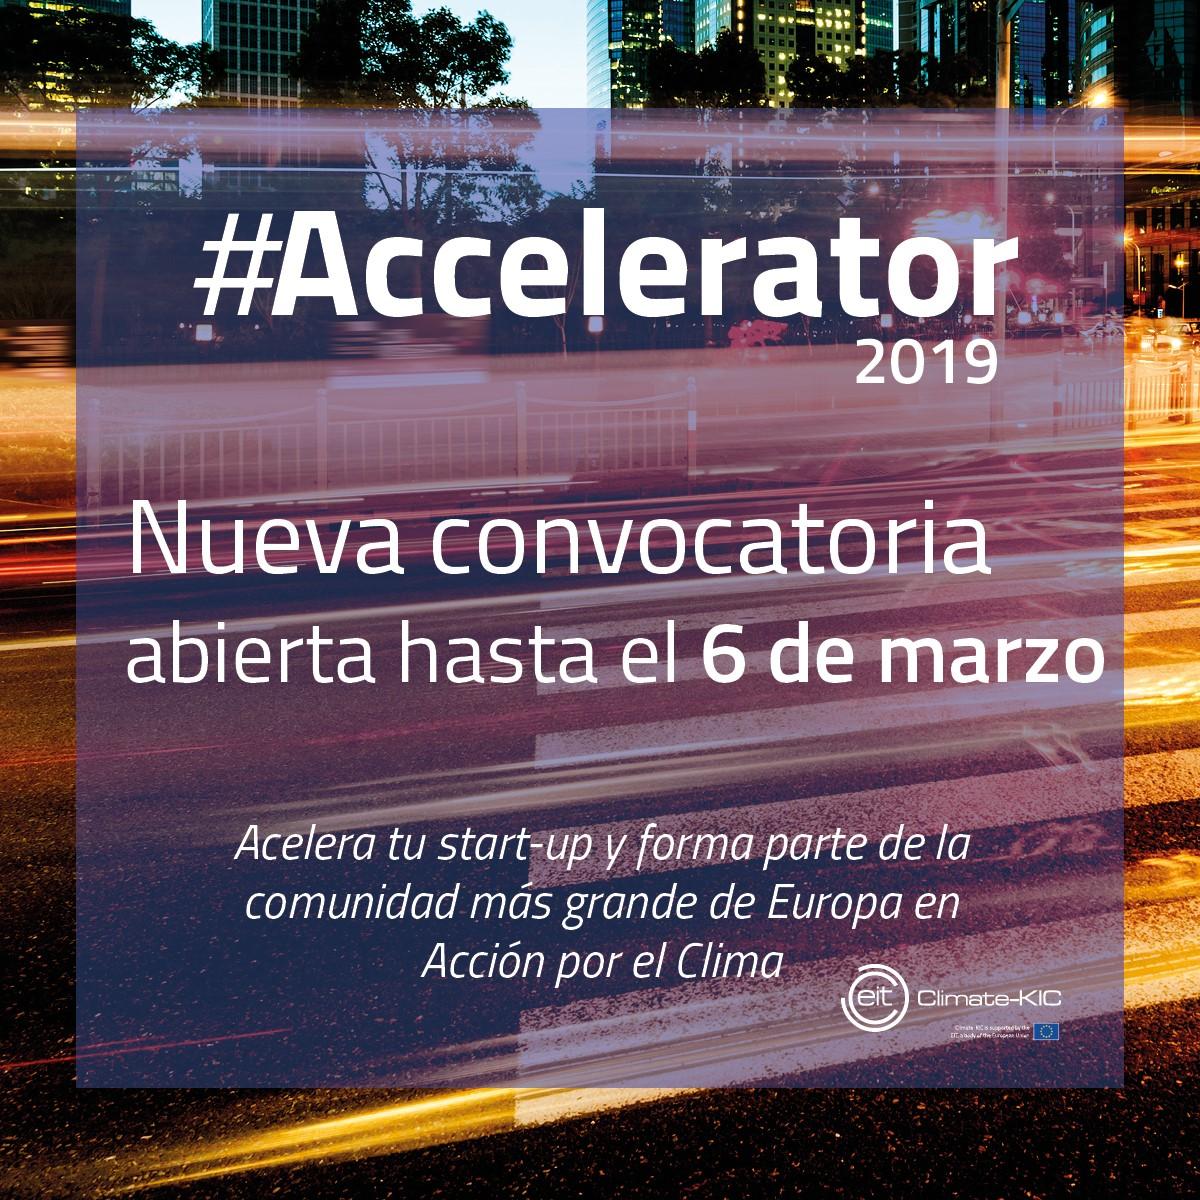 Nueva convocatoria para sumar start-ups a la comunidad más grande de Europa de innovación climática y economía circular